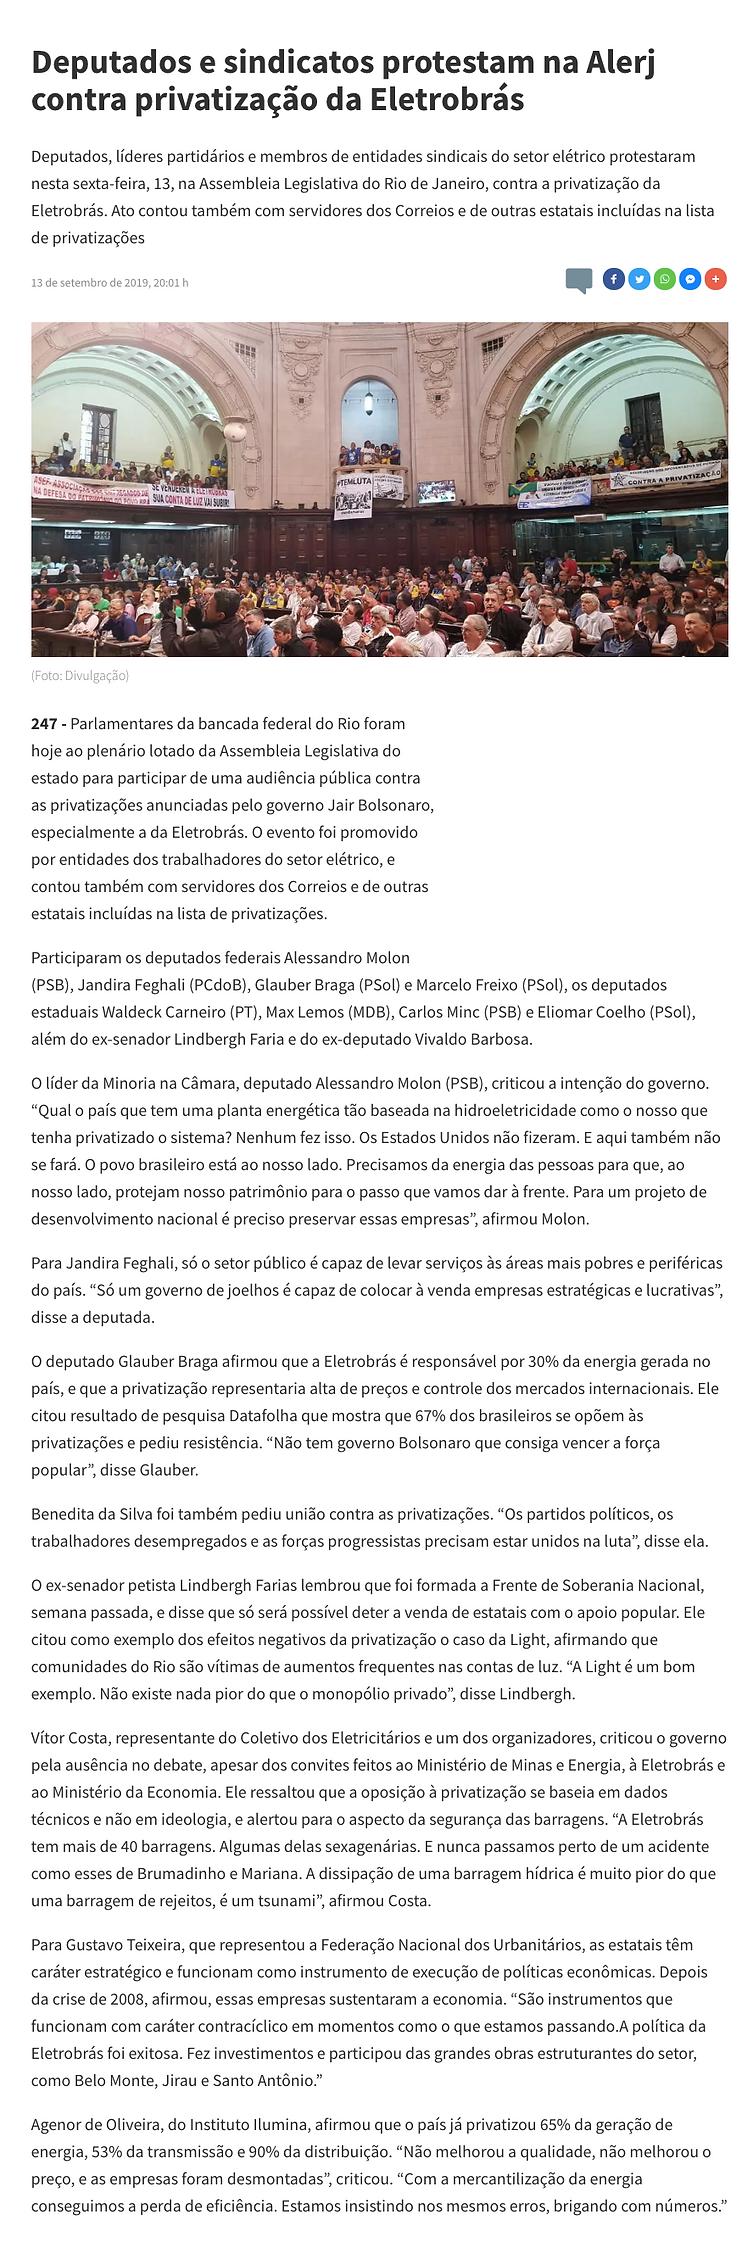 brasil 247 eletrobras.png